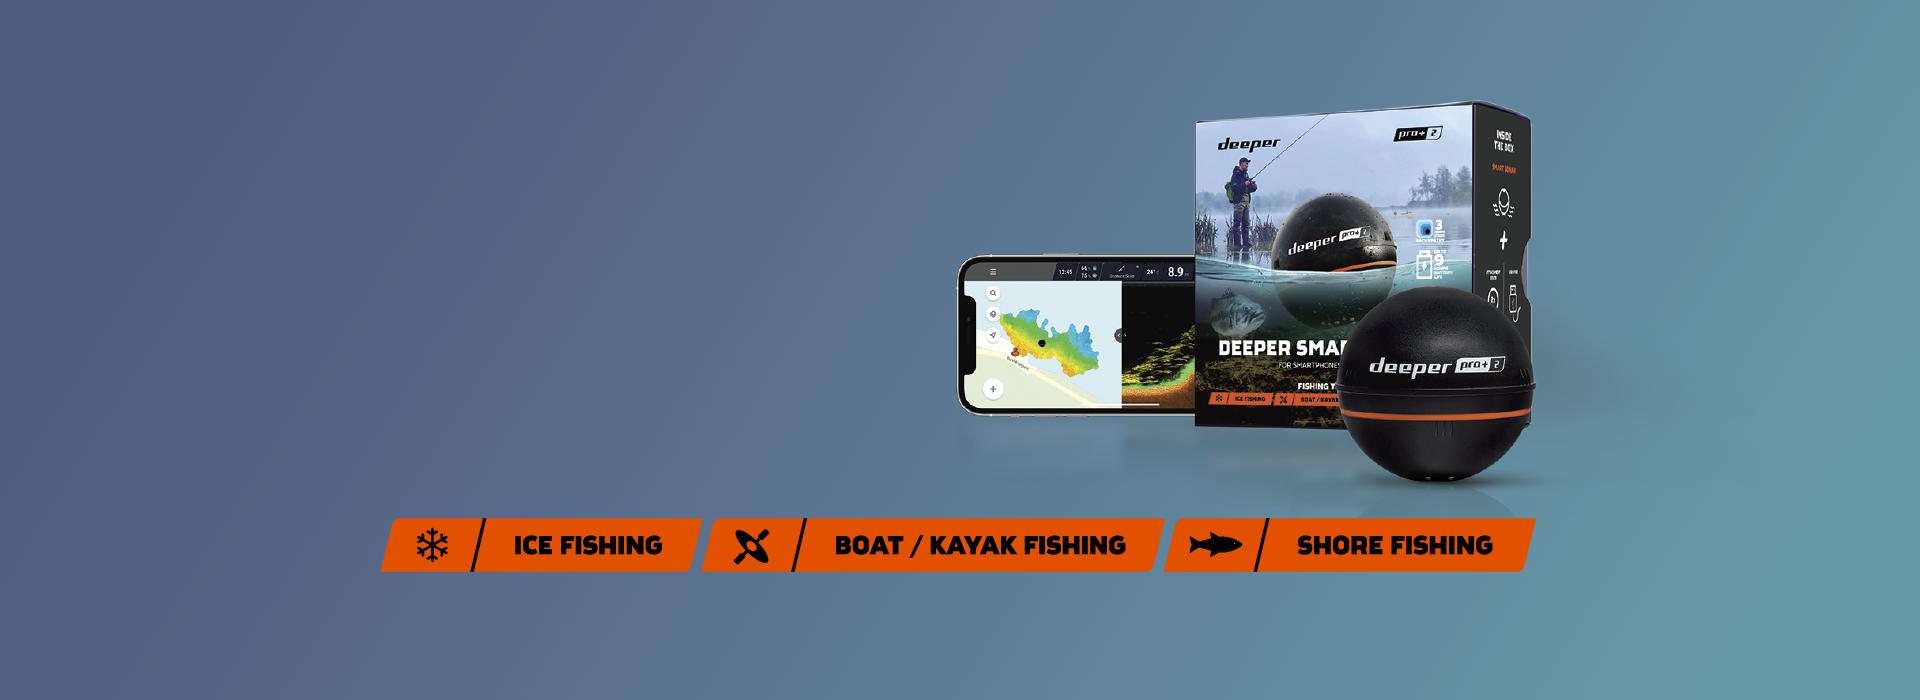 Az új Deeper PRO+ 2! A horgászok világszerte szeretik.Most továbbfejlesztettük, és jobb, mint valaha.